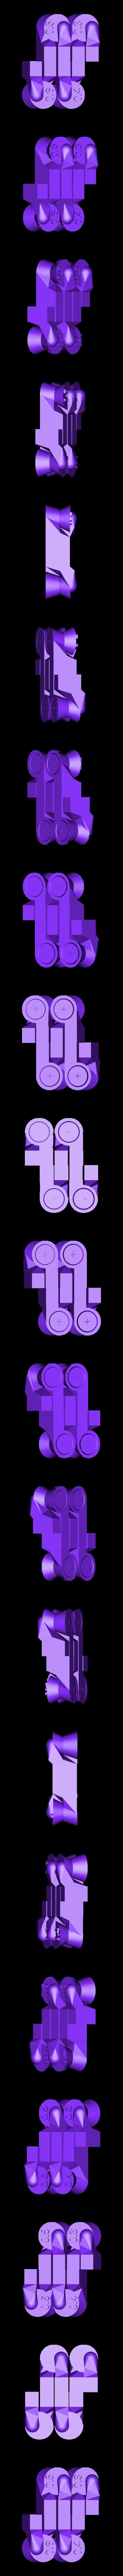 GTpp_HingeSlackTest.stl Télécharger fichier STL gratuit Jouet à saisir • Design pour imprimante 3D, ecoiras